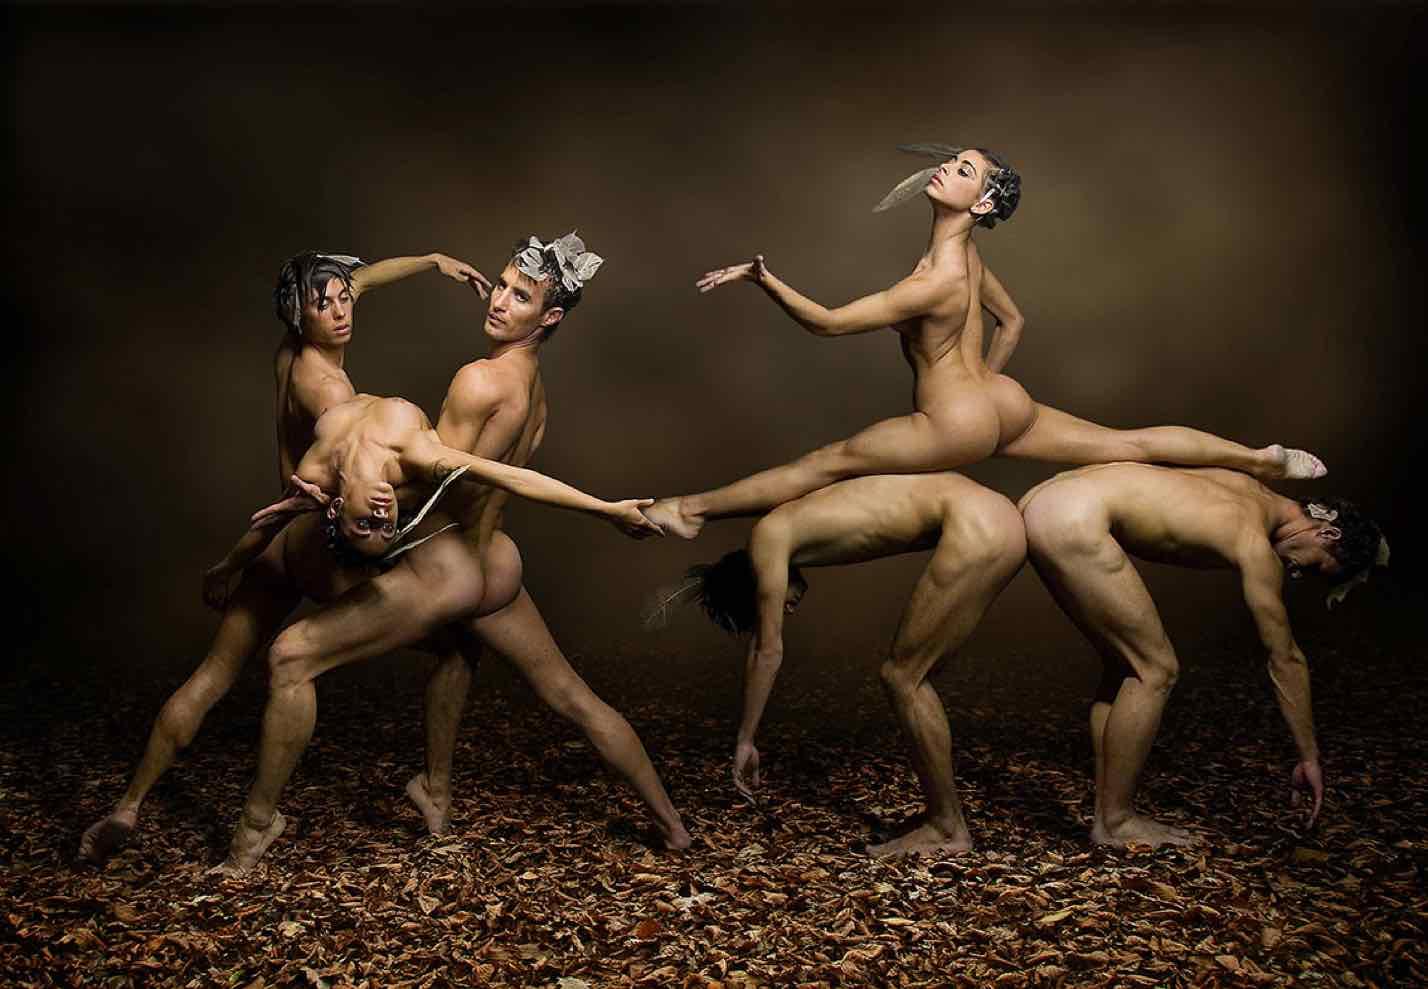 золотая осень современное искусство фотография ddiarte танец человек